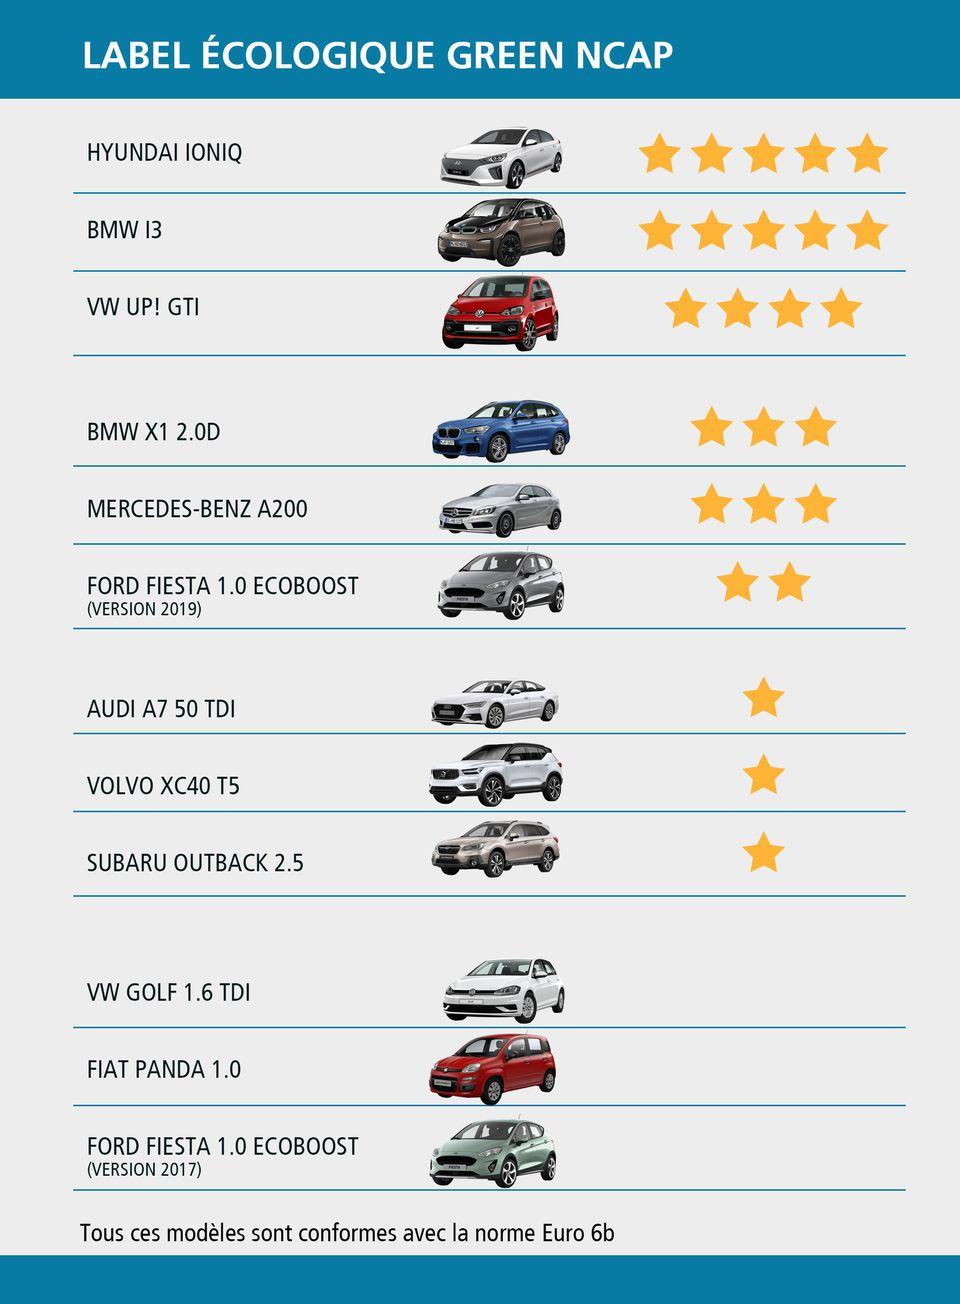 Classement de 12 voitures selon le label écologique Green NCAP. [RTS]